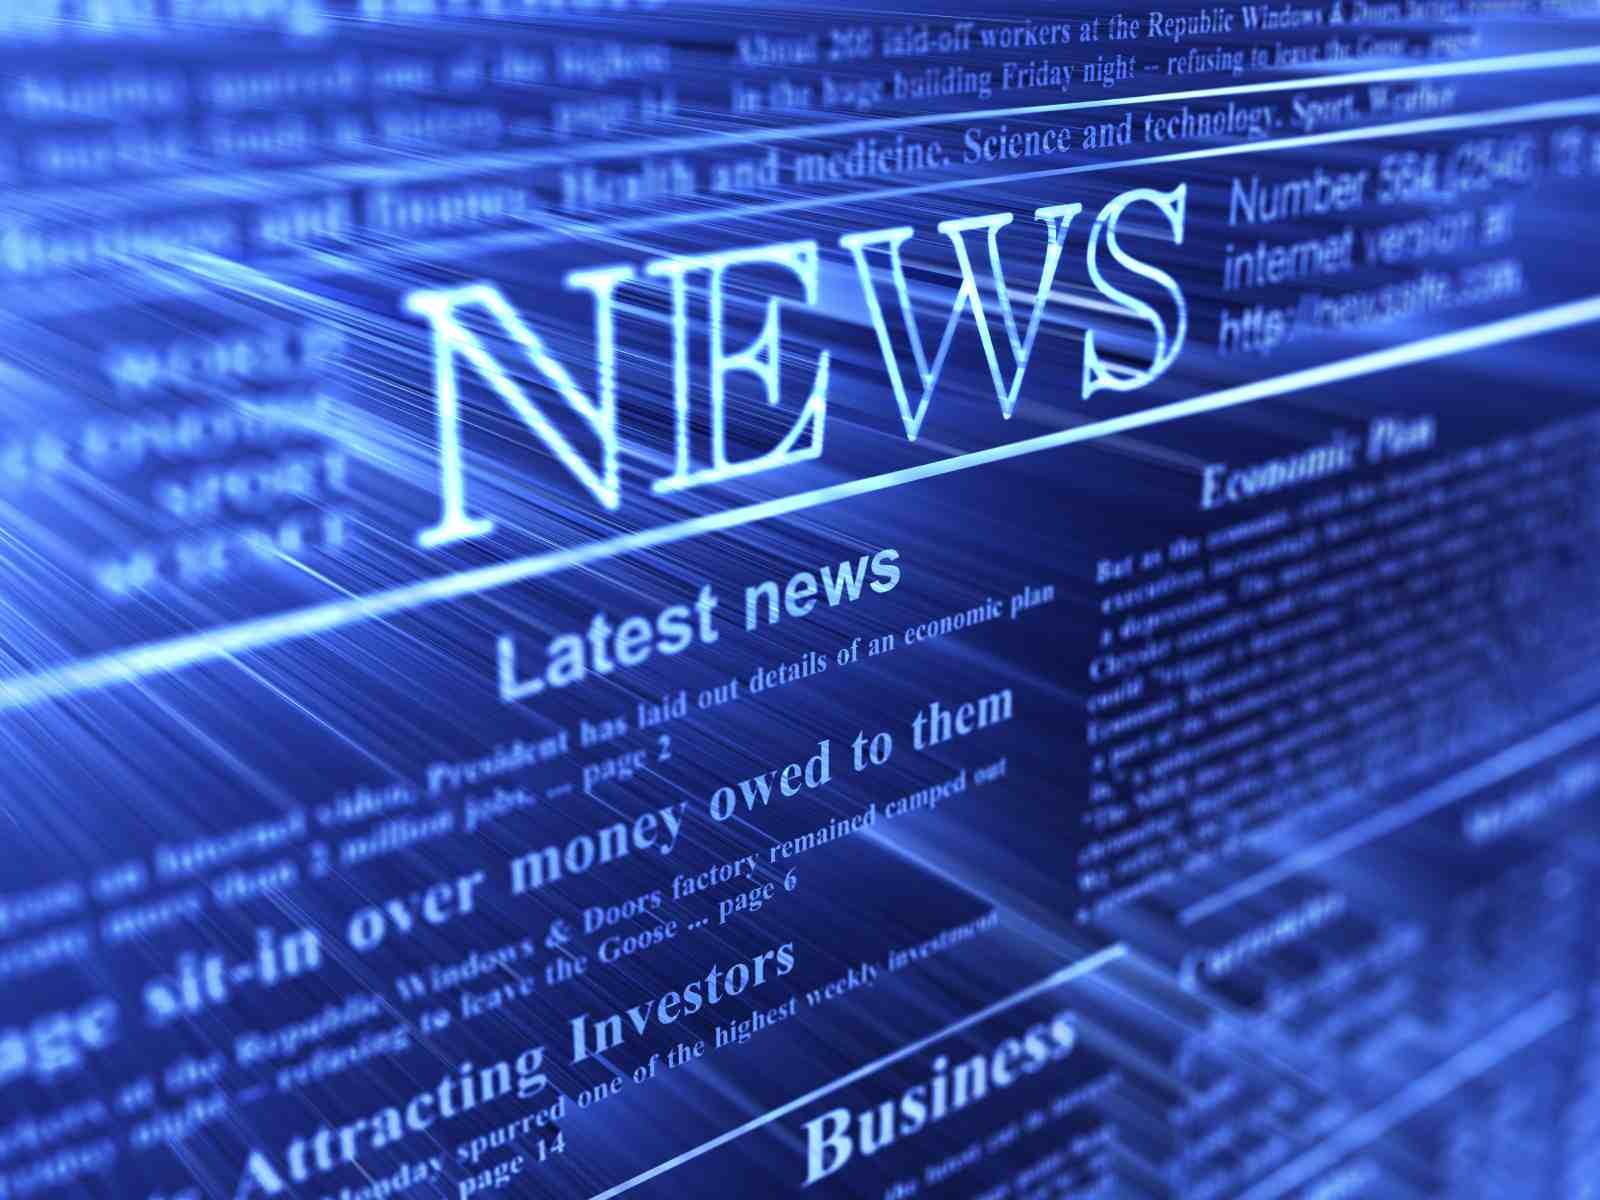 Tec News